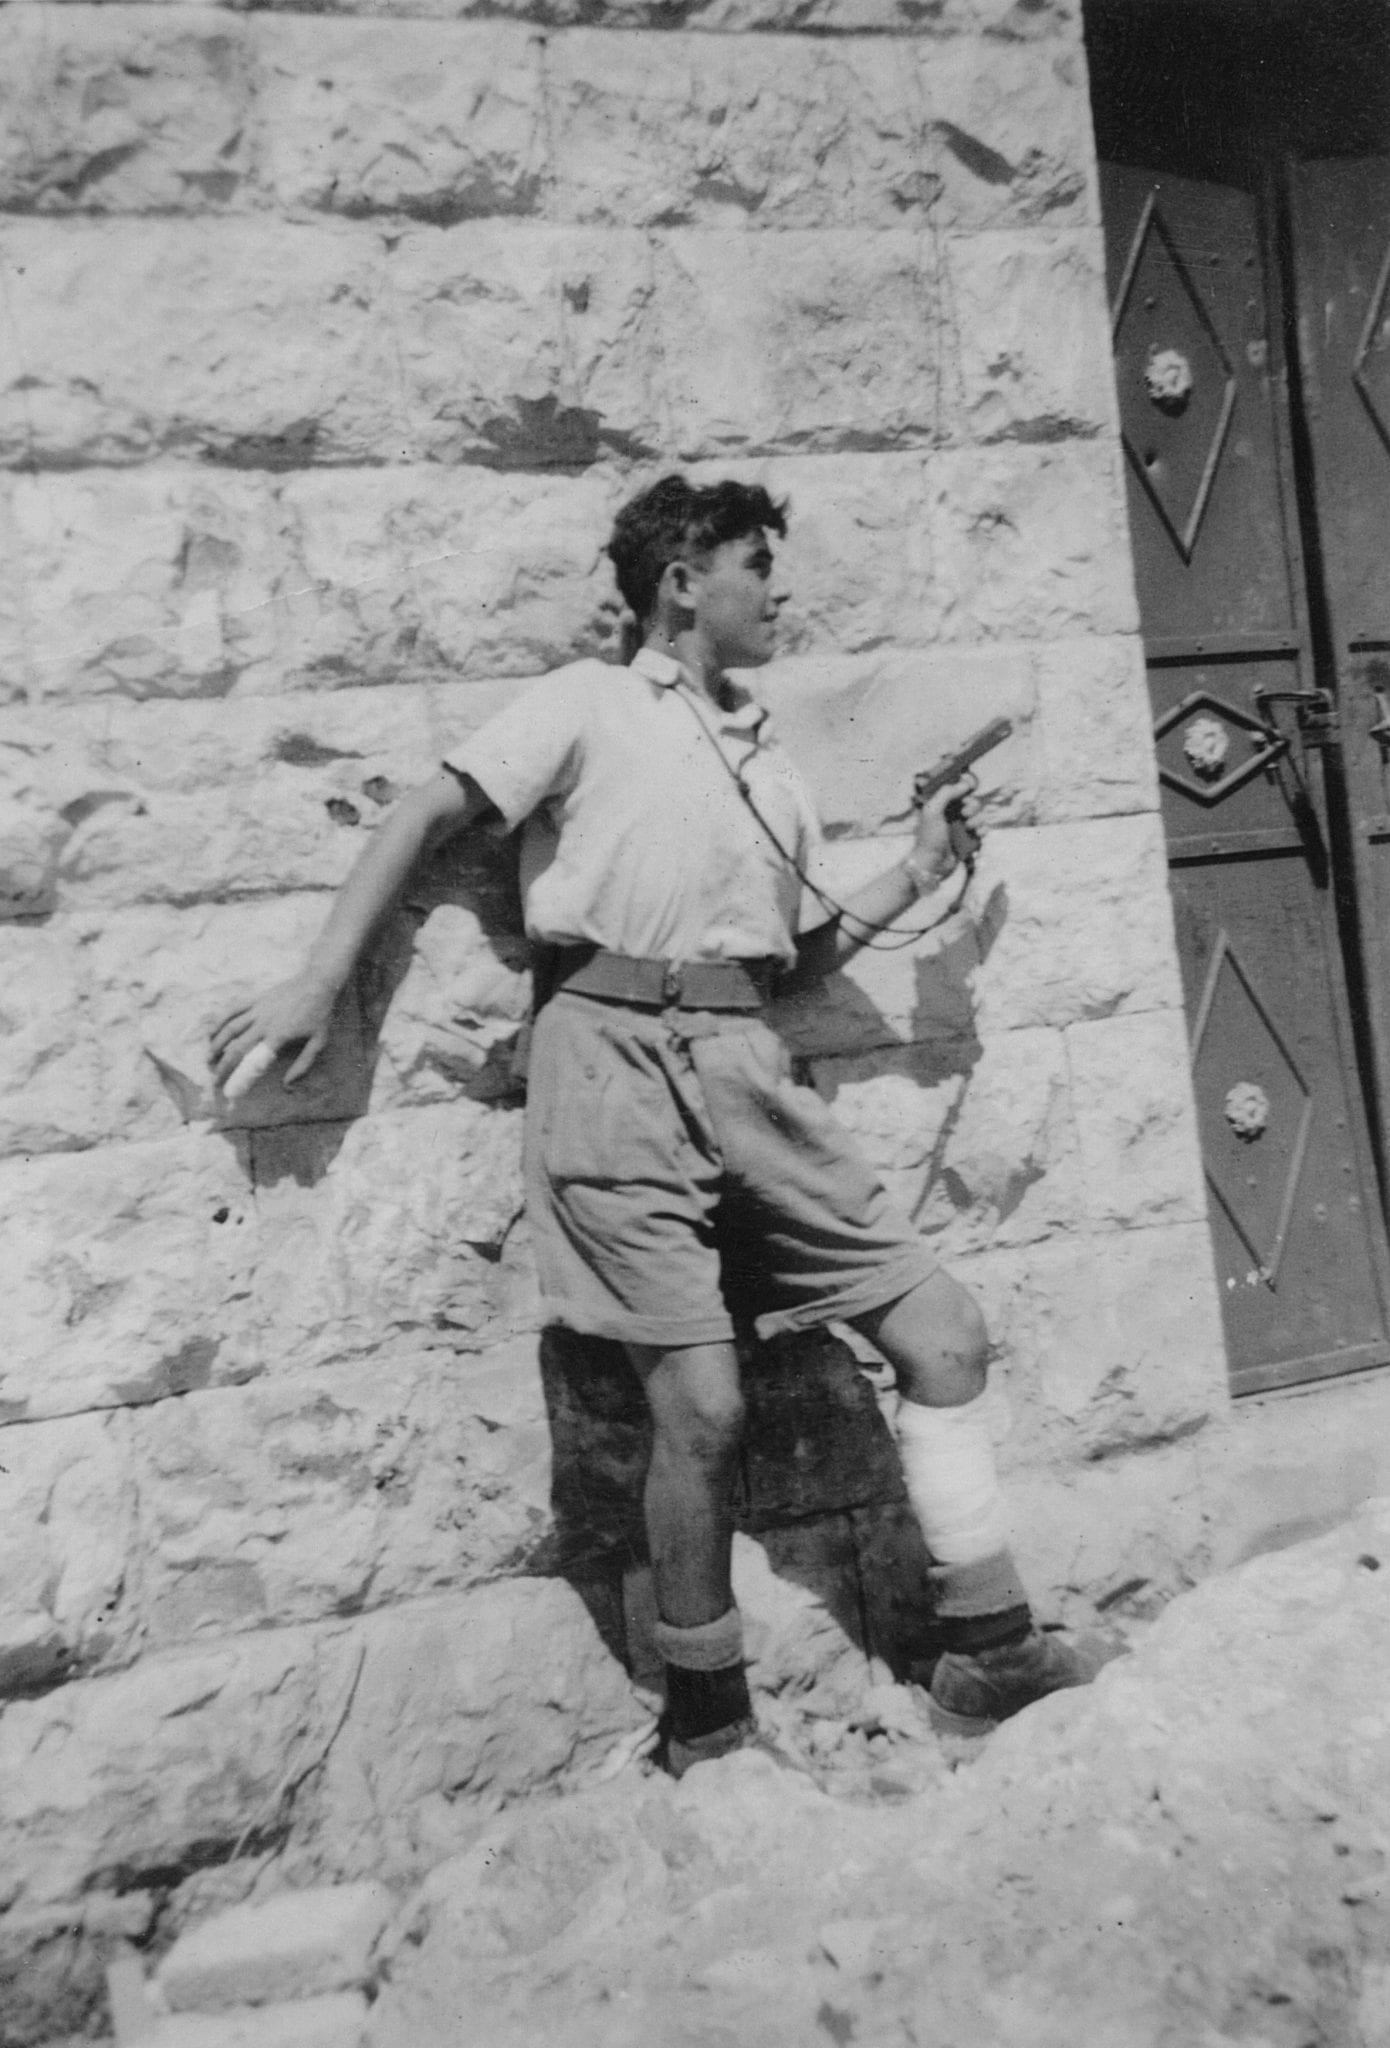 יוסף שינדלר במחנה אלדד, אוגוסט 1948